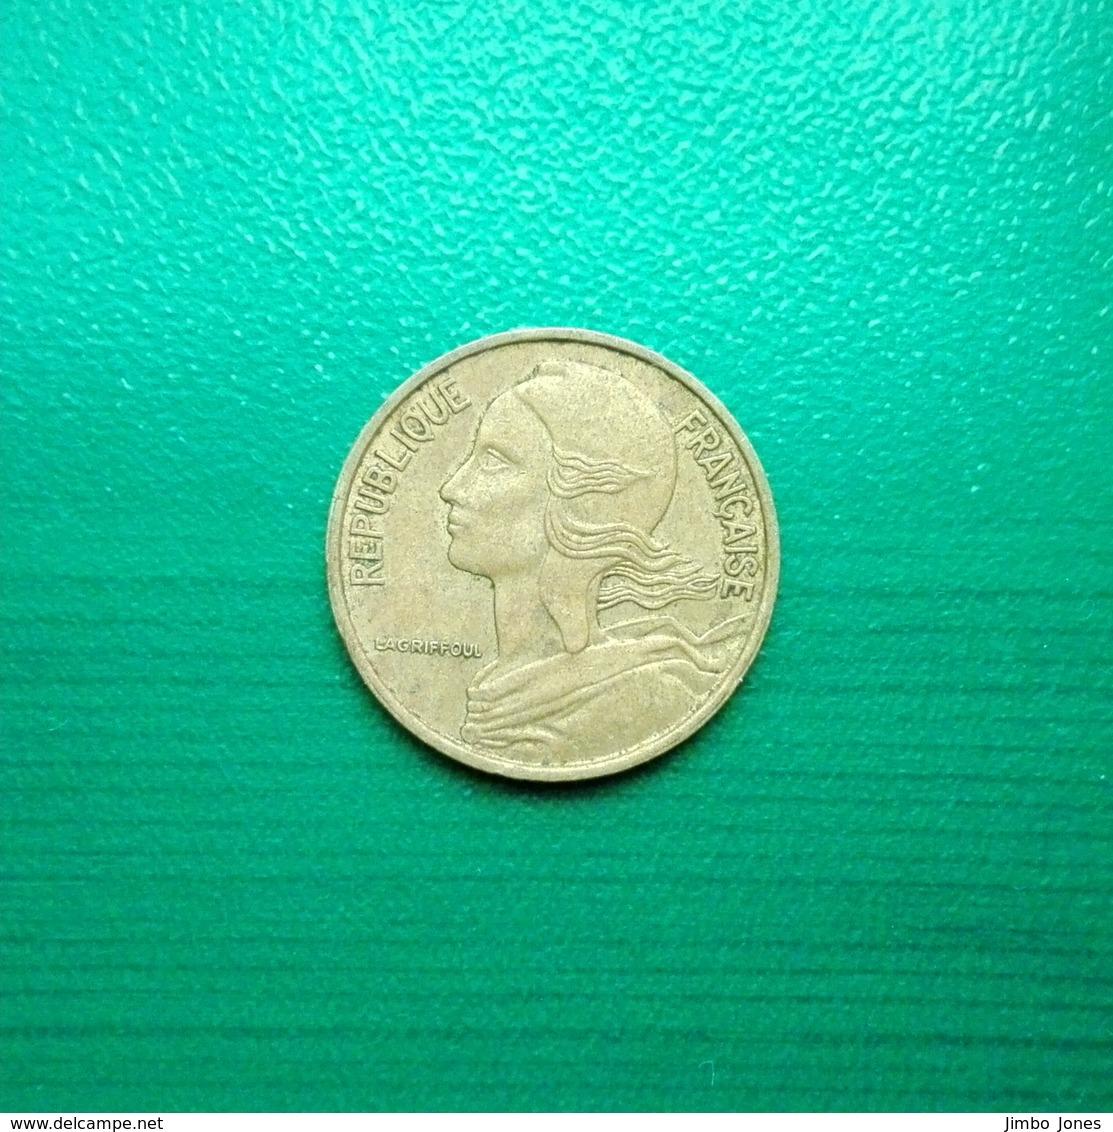 5 Centimes Münze Aus Frankreich Von 1966 (sehr Schön) - C. 5 Centimes